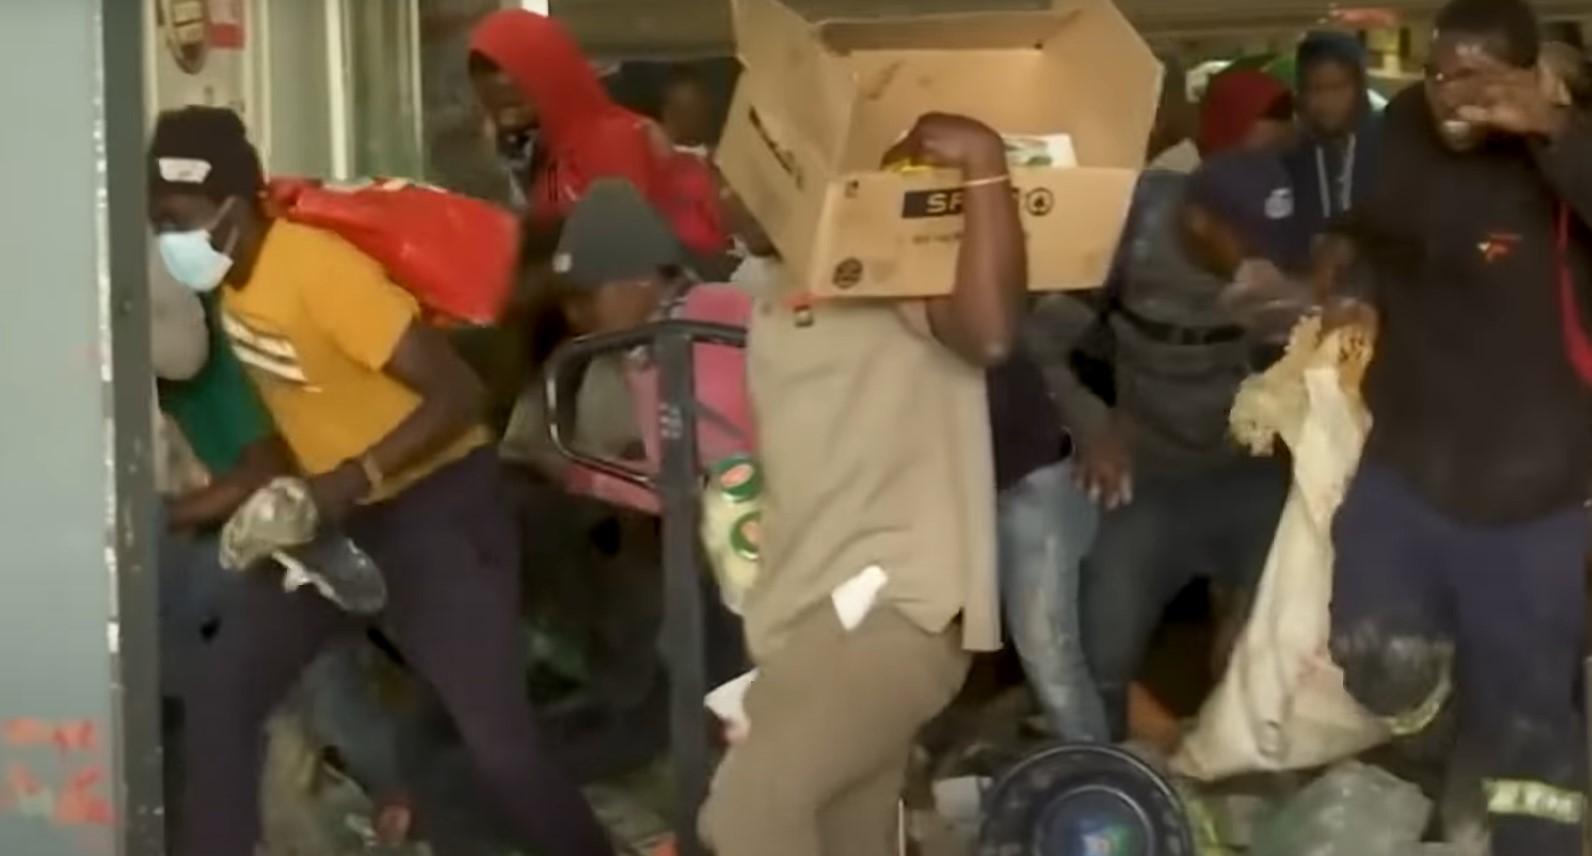 45 Tote bei Unruhen in Südafrika [Video]